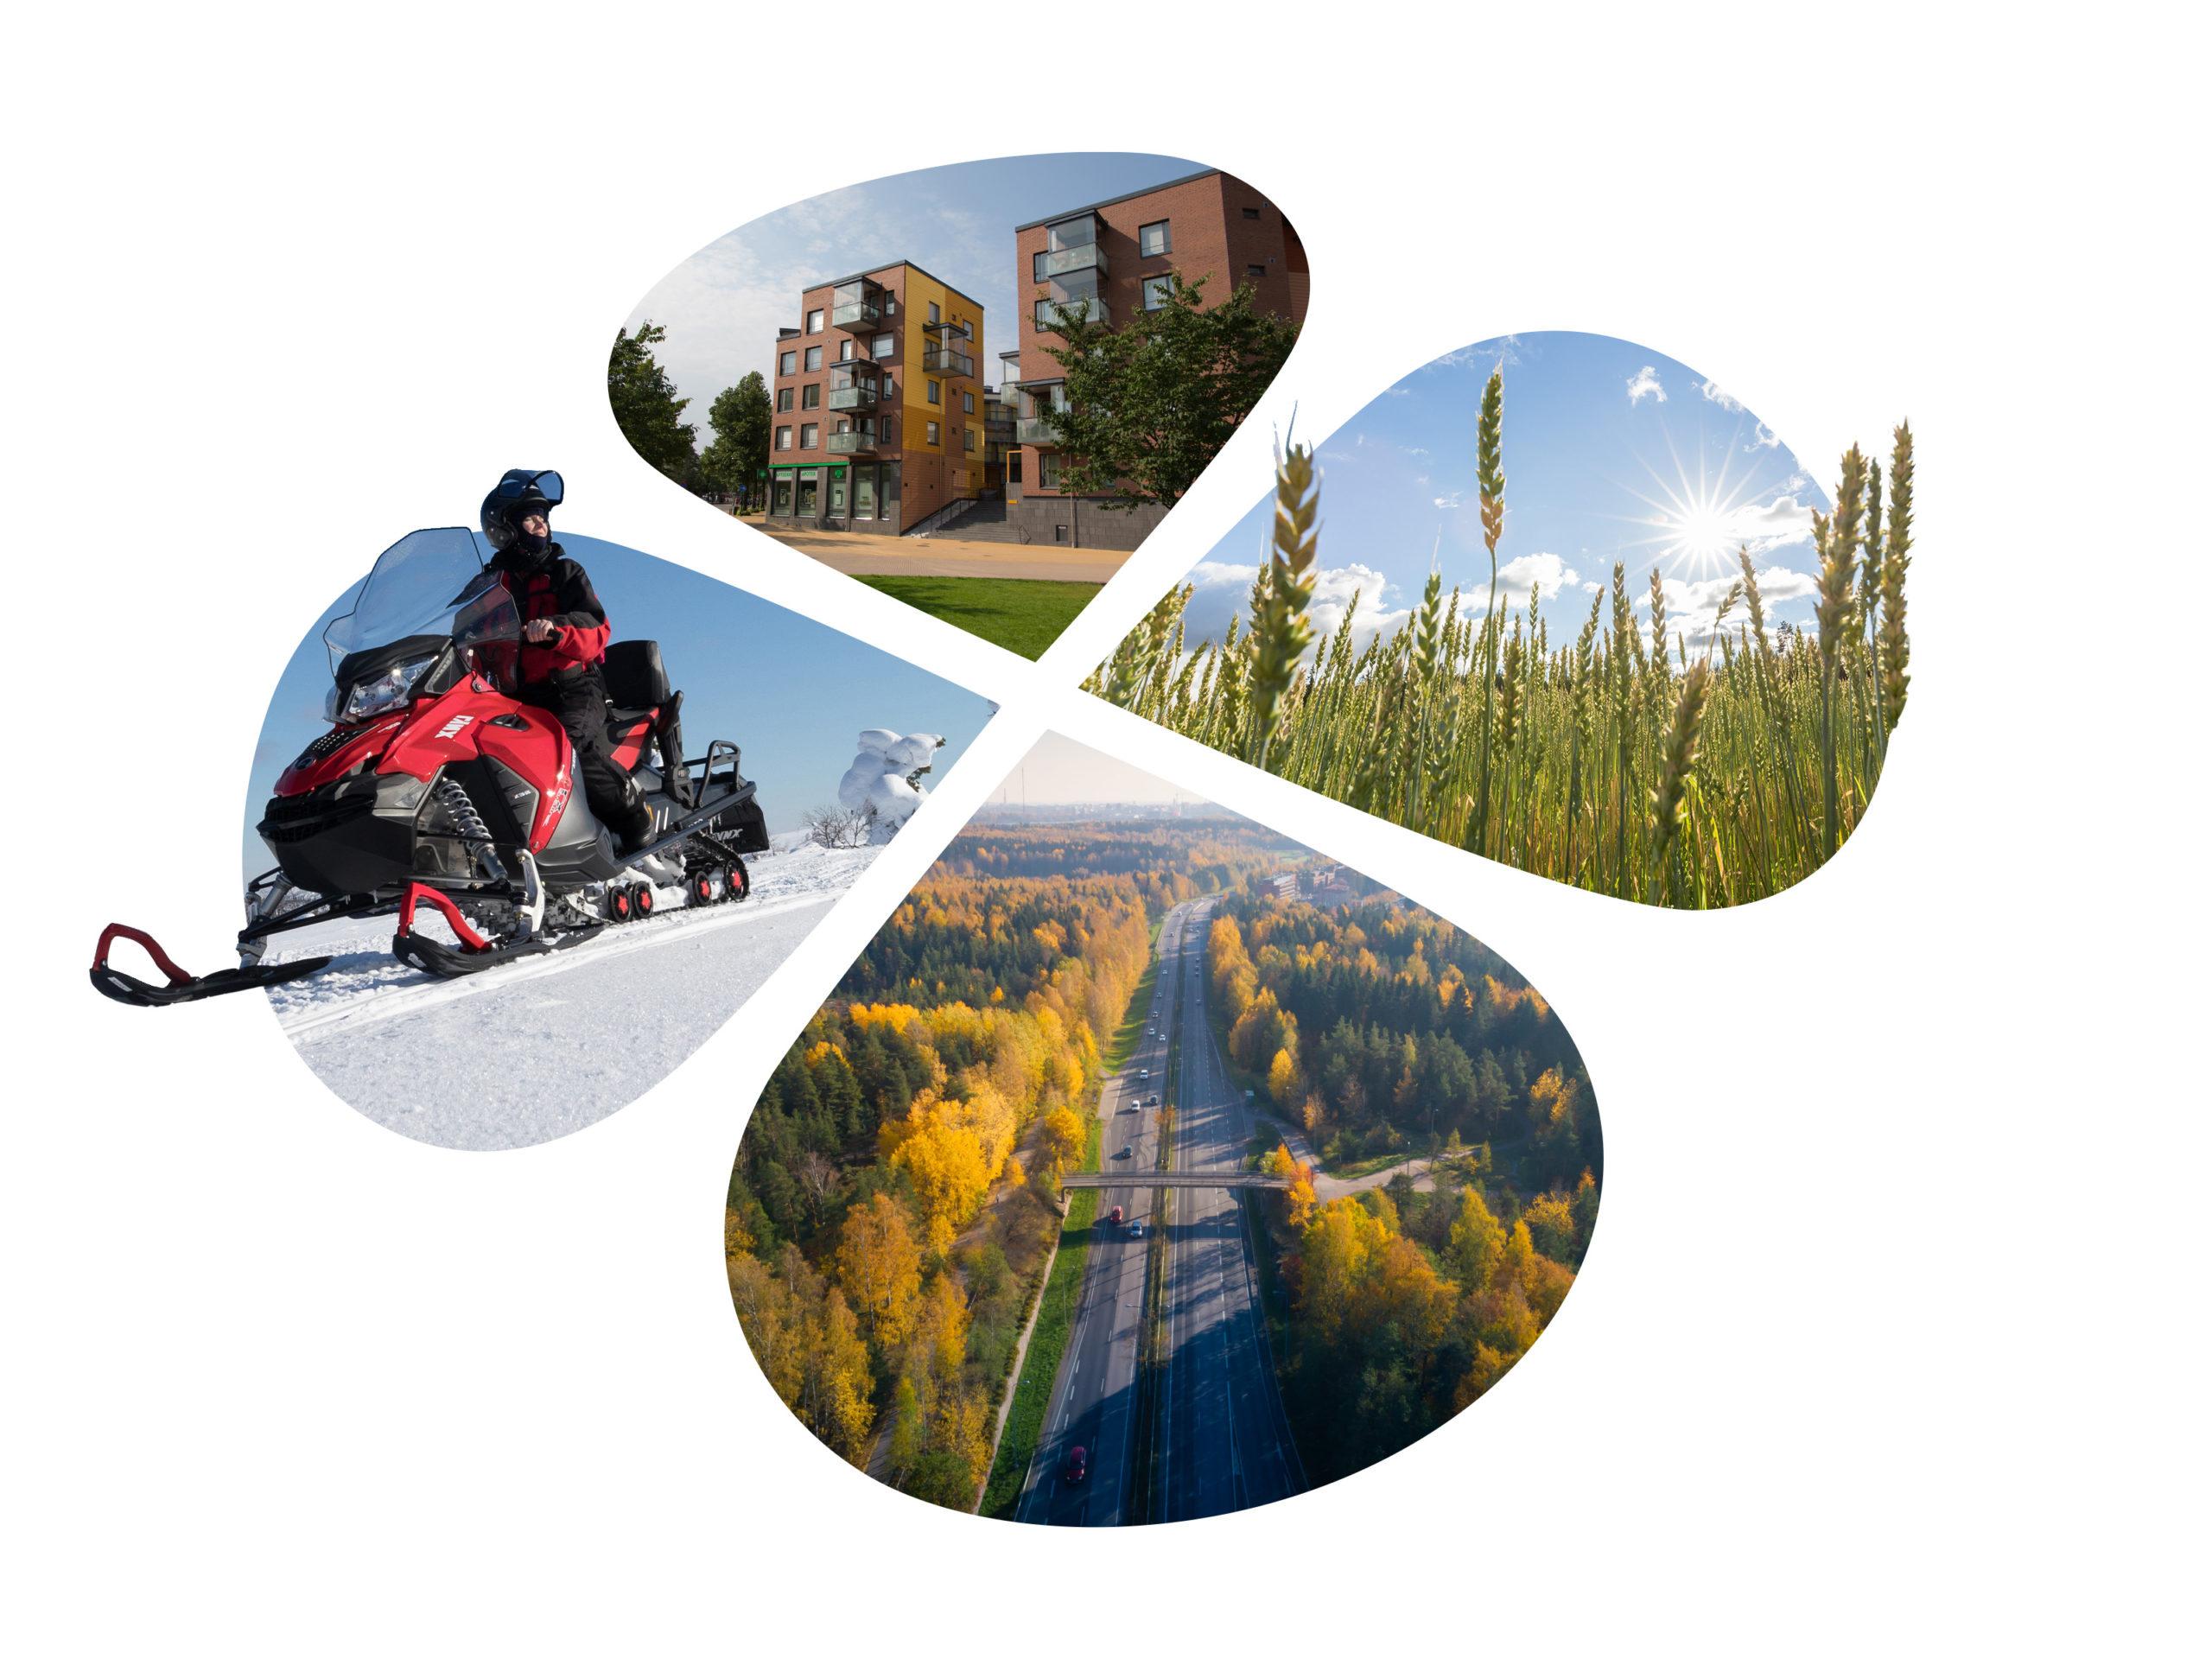 Apilanlehdyköillä upotettuna moottorikelkka sekä talvinen maisema, kaupunkilähiö, vehnäpelto ja moottoritien ilmakuva.